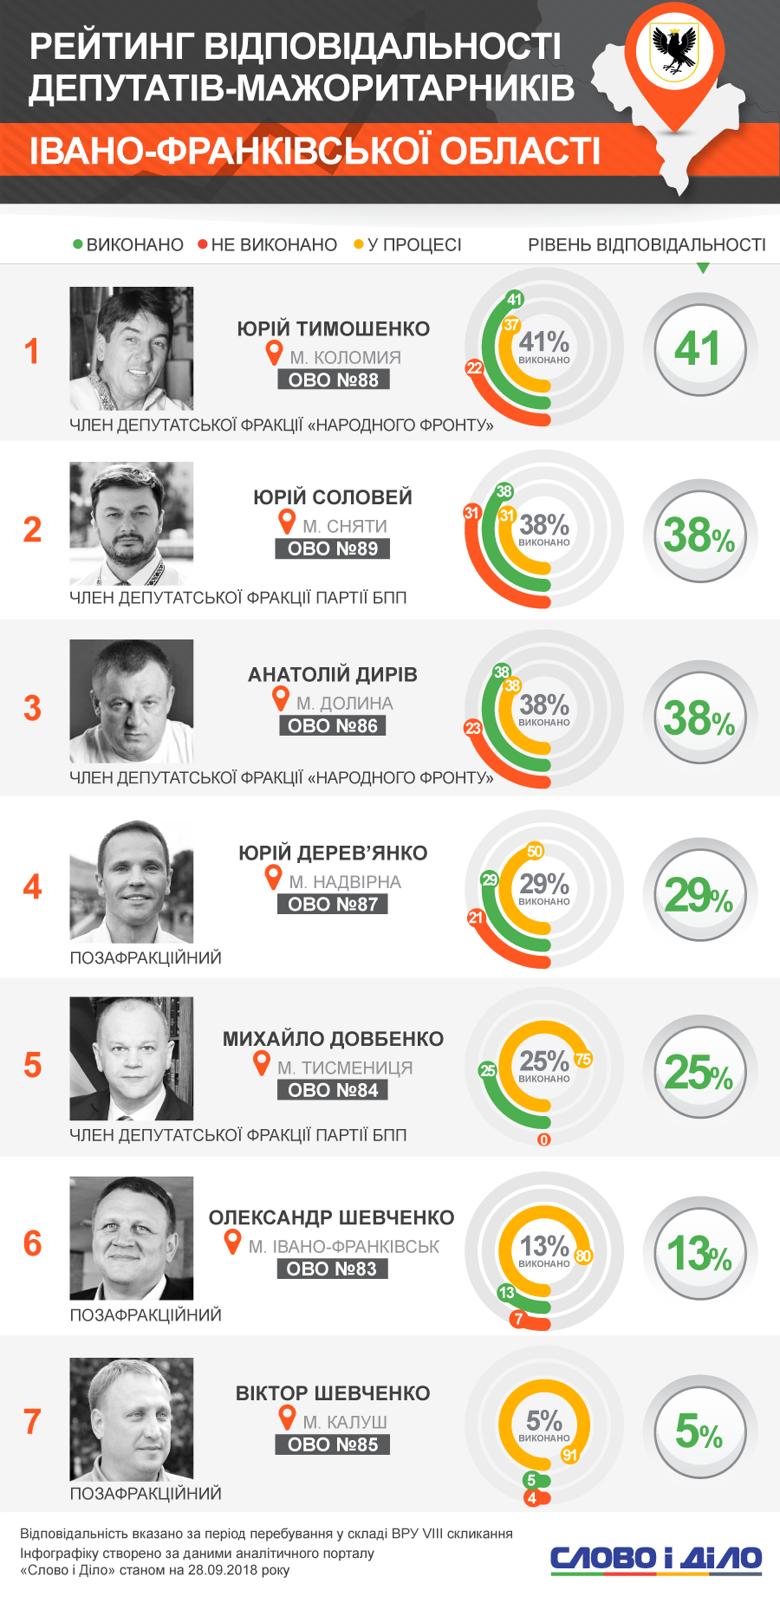 Жоден мажоритарник Івано-Франківської області не зміг виконати й половини зобов'язань перед виборцями. Претенденти на президентське крісло перебувають у хвості рейтингу.